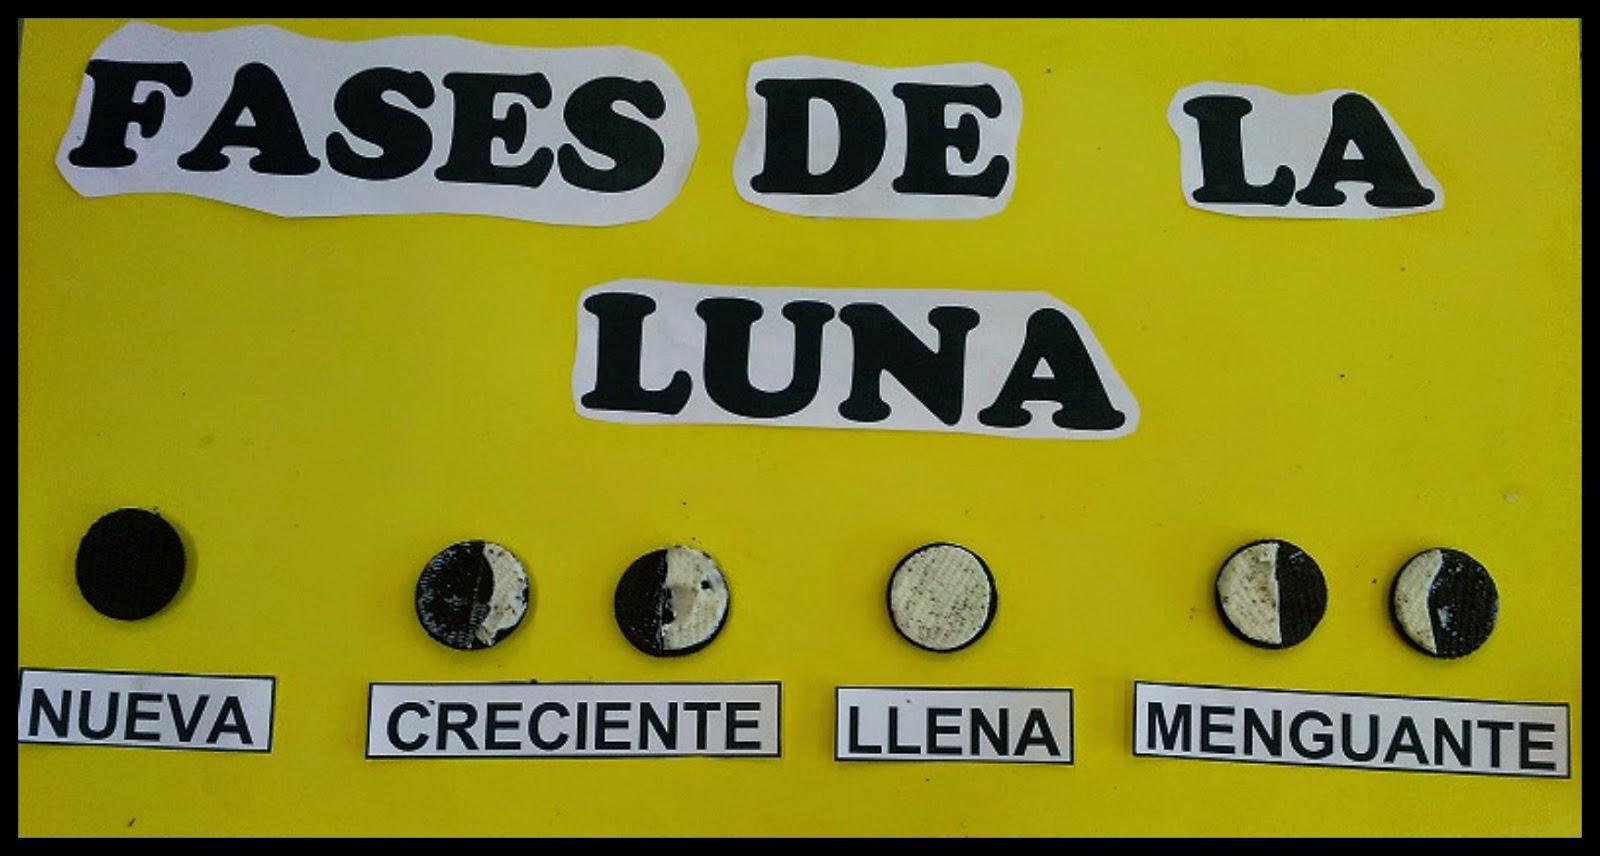 CONECTADOS CON TERCERO: Fases de la luna.